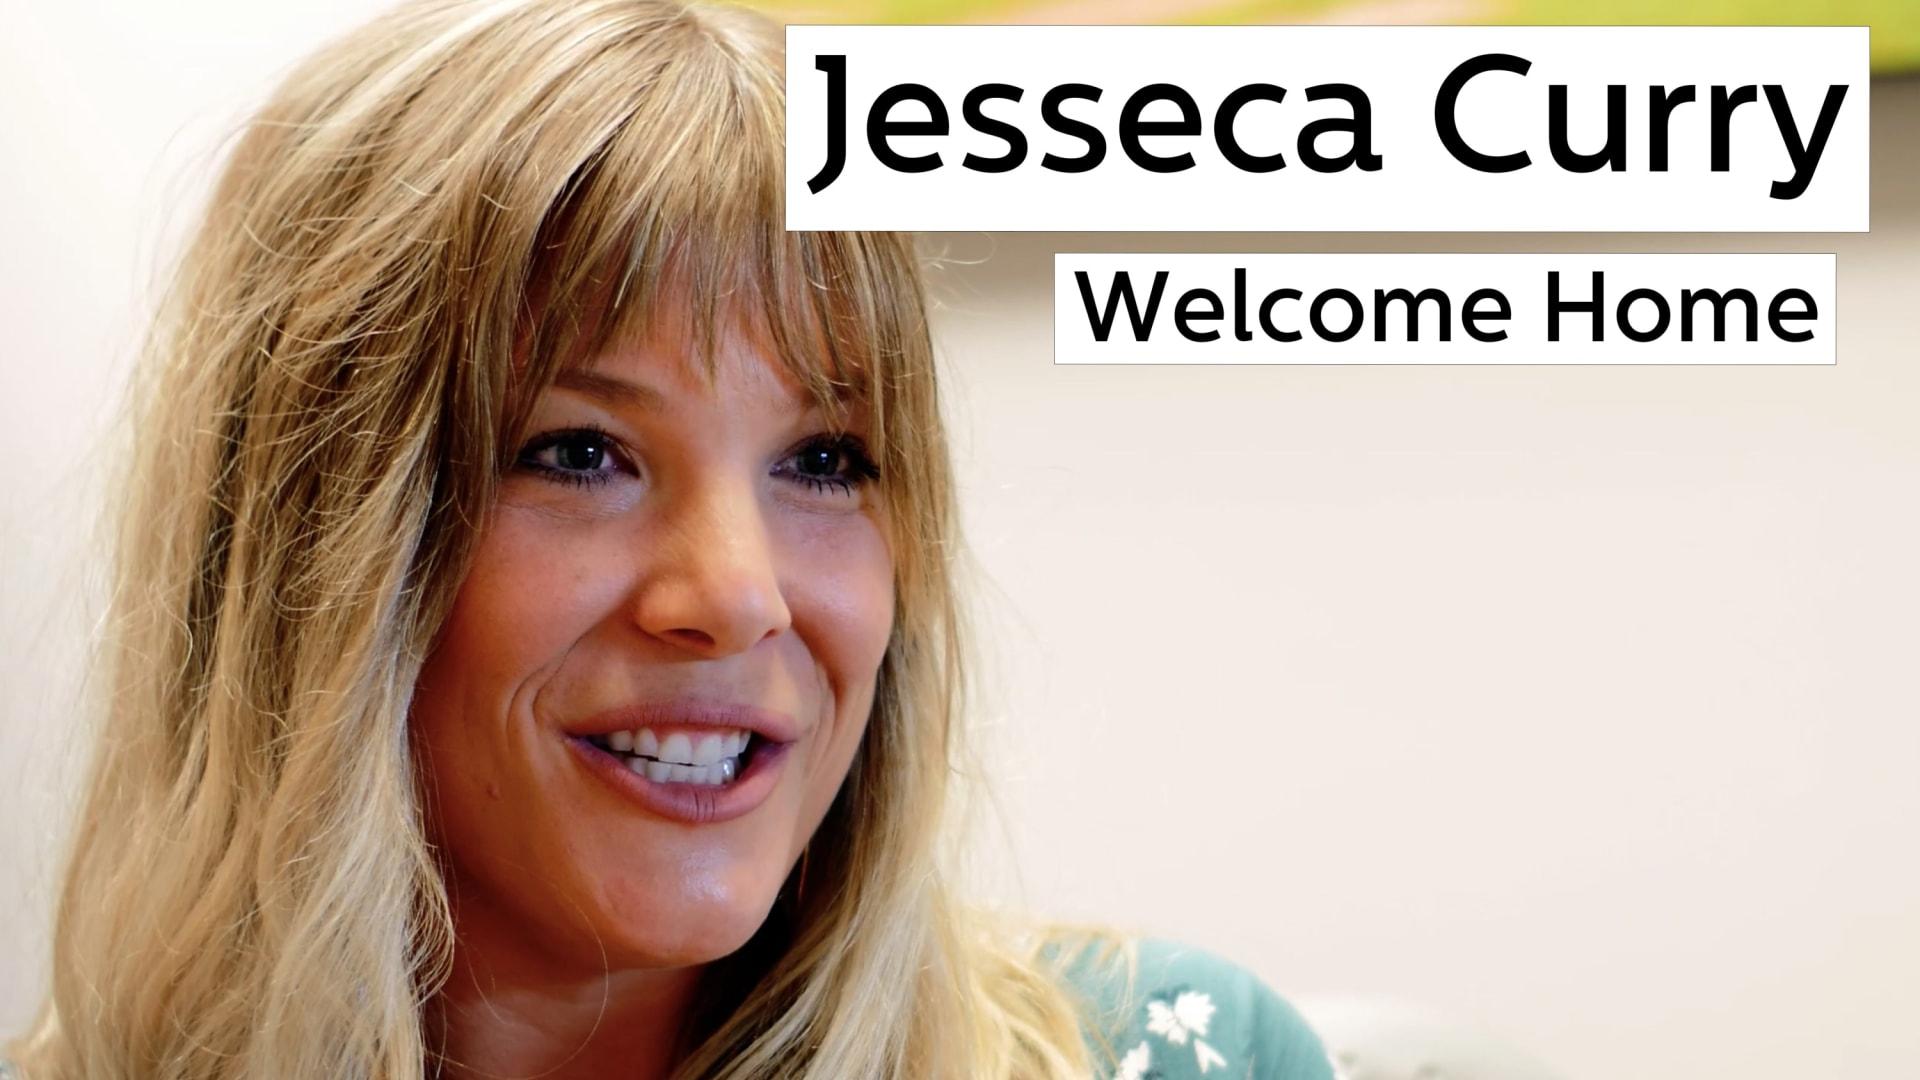 The Jesseca Curry Profile